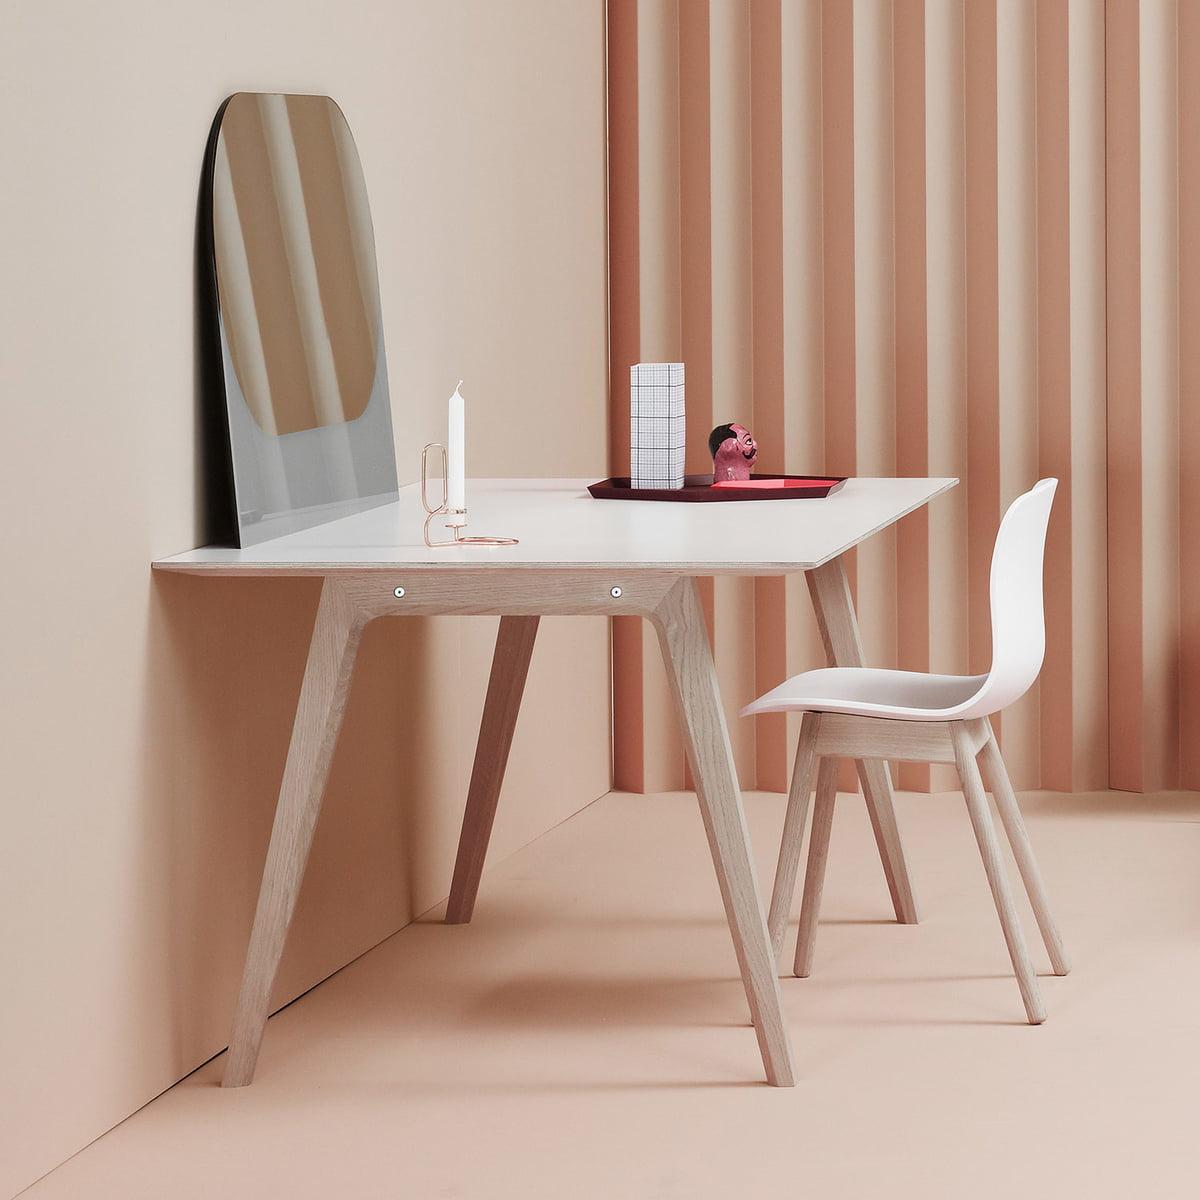 hay about a chair aac 12 - Einfache Dekoration Und Mobel Kuchenutensilien Mit Schickem Design